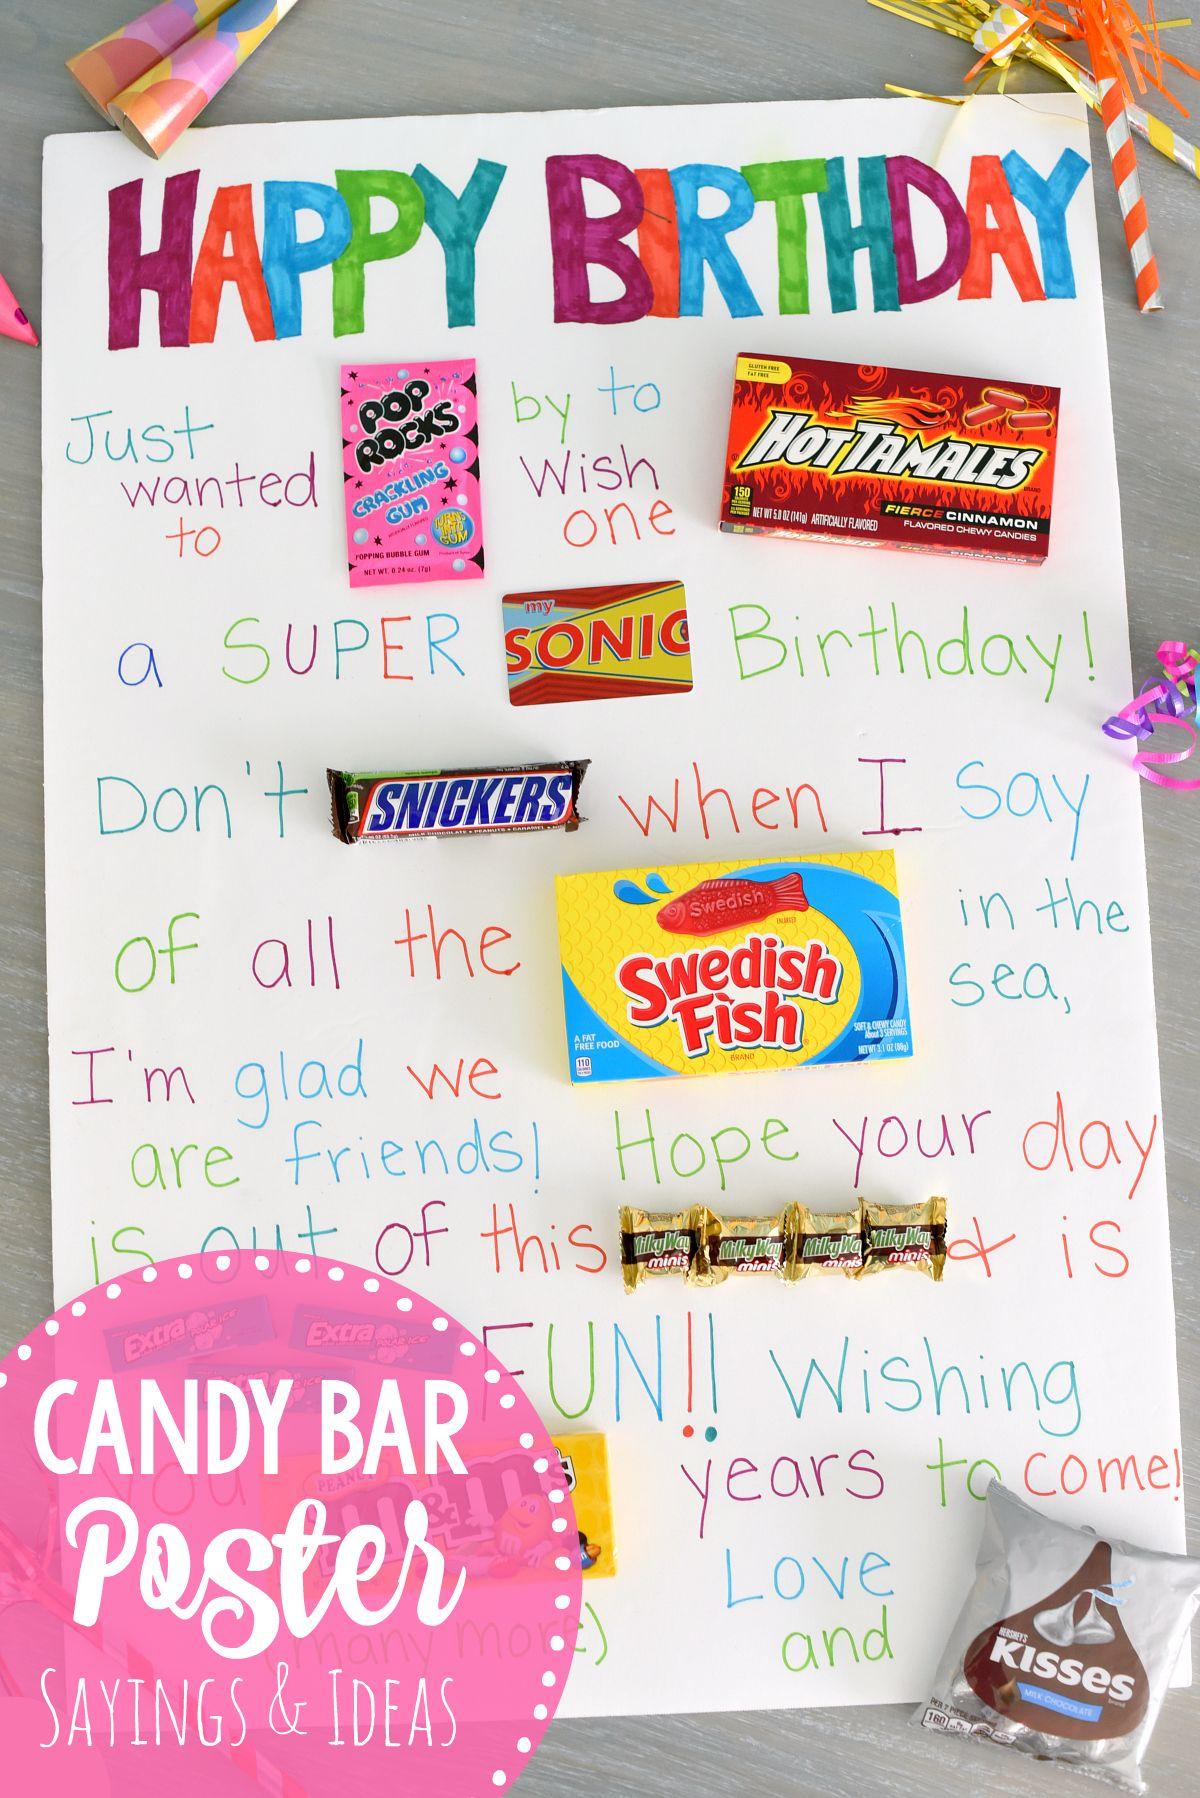 Happy Birthday Posters Ideas